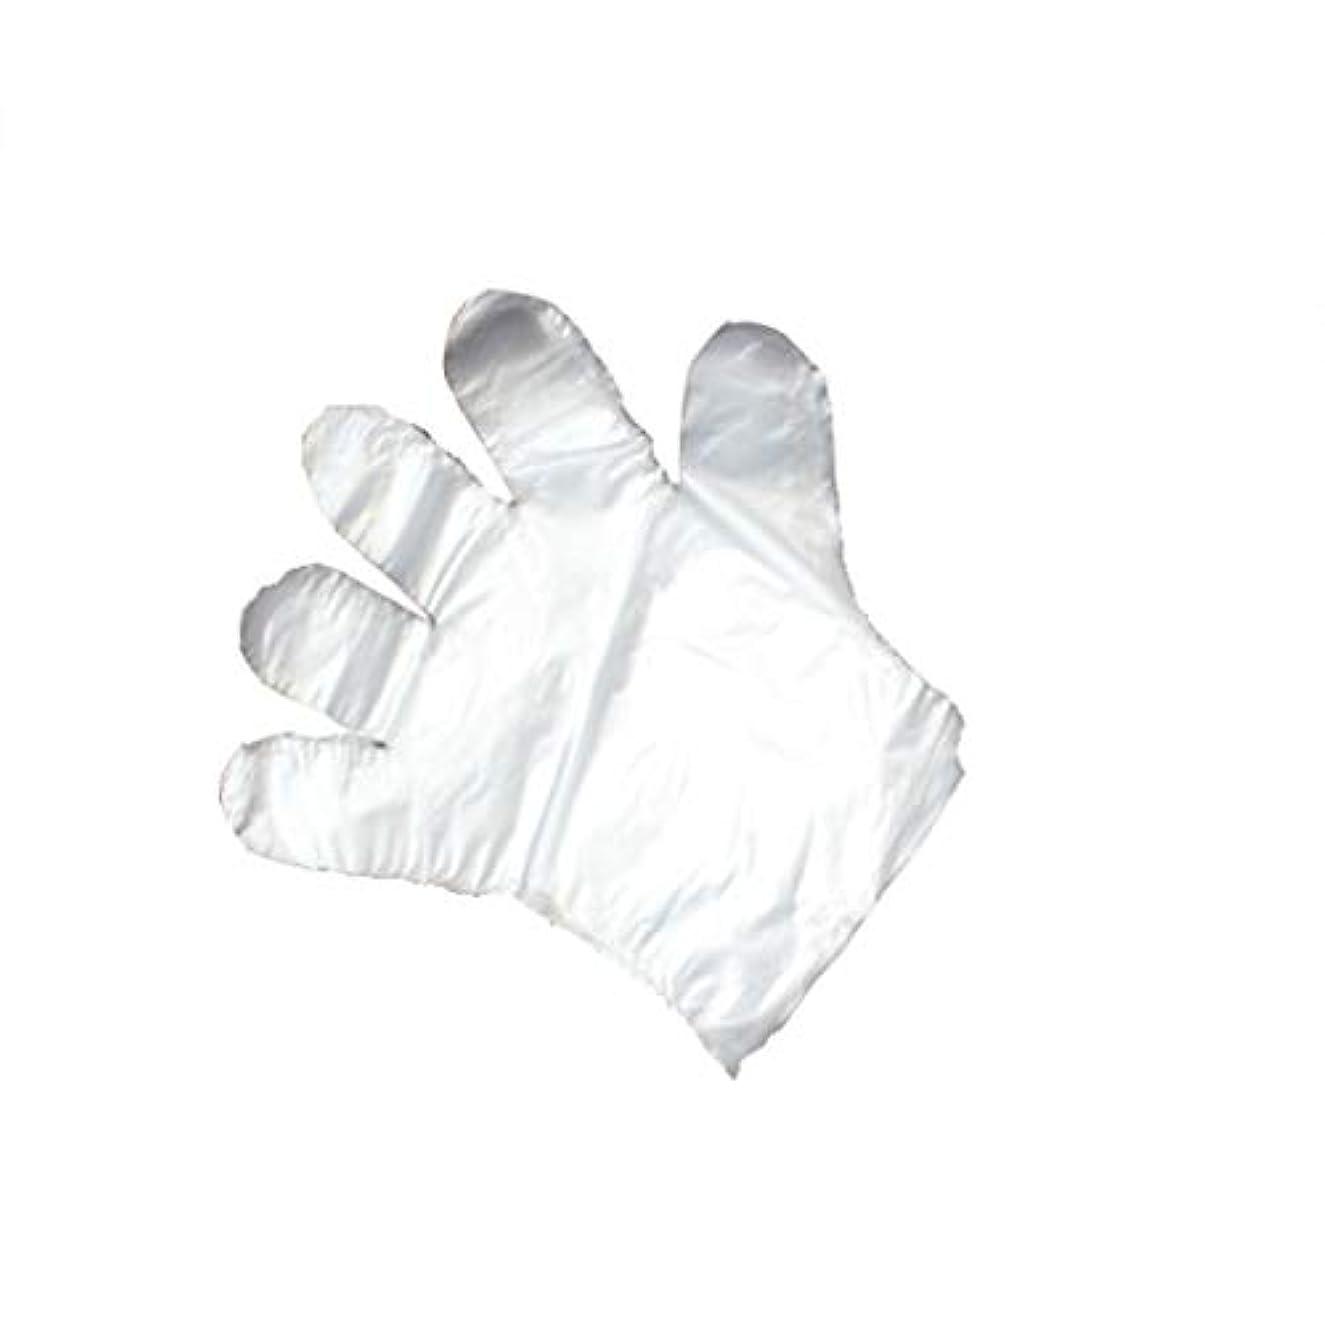 接続詞州乏しい手袋、使い捨て手袋、透明な肥厚、美しさ、家庭掃除、手袋、白、透明、5パック、500袋。 (UnitCount : 1000)